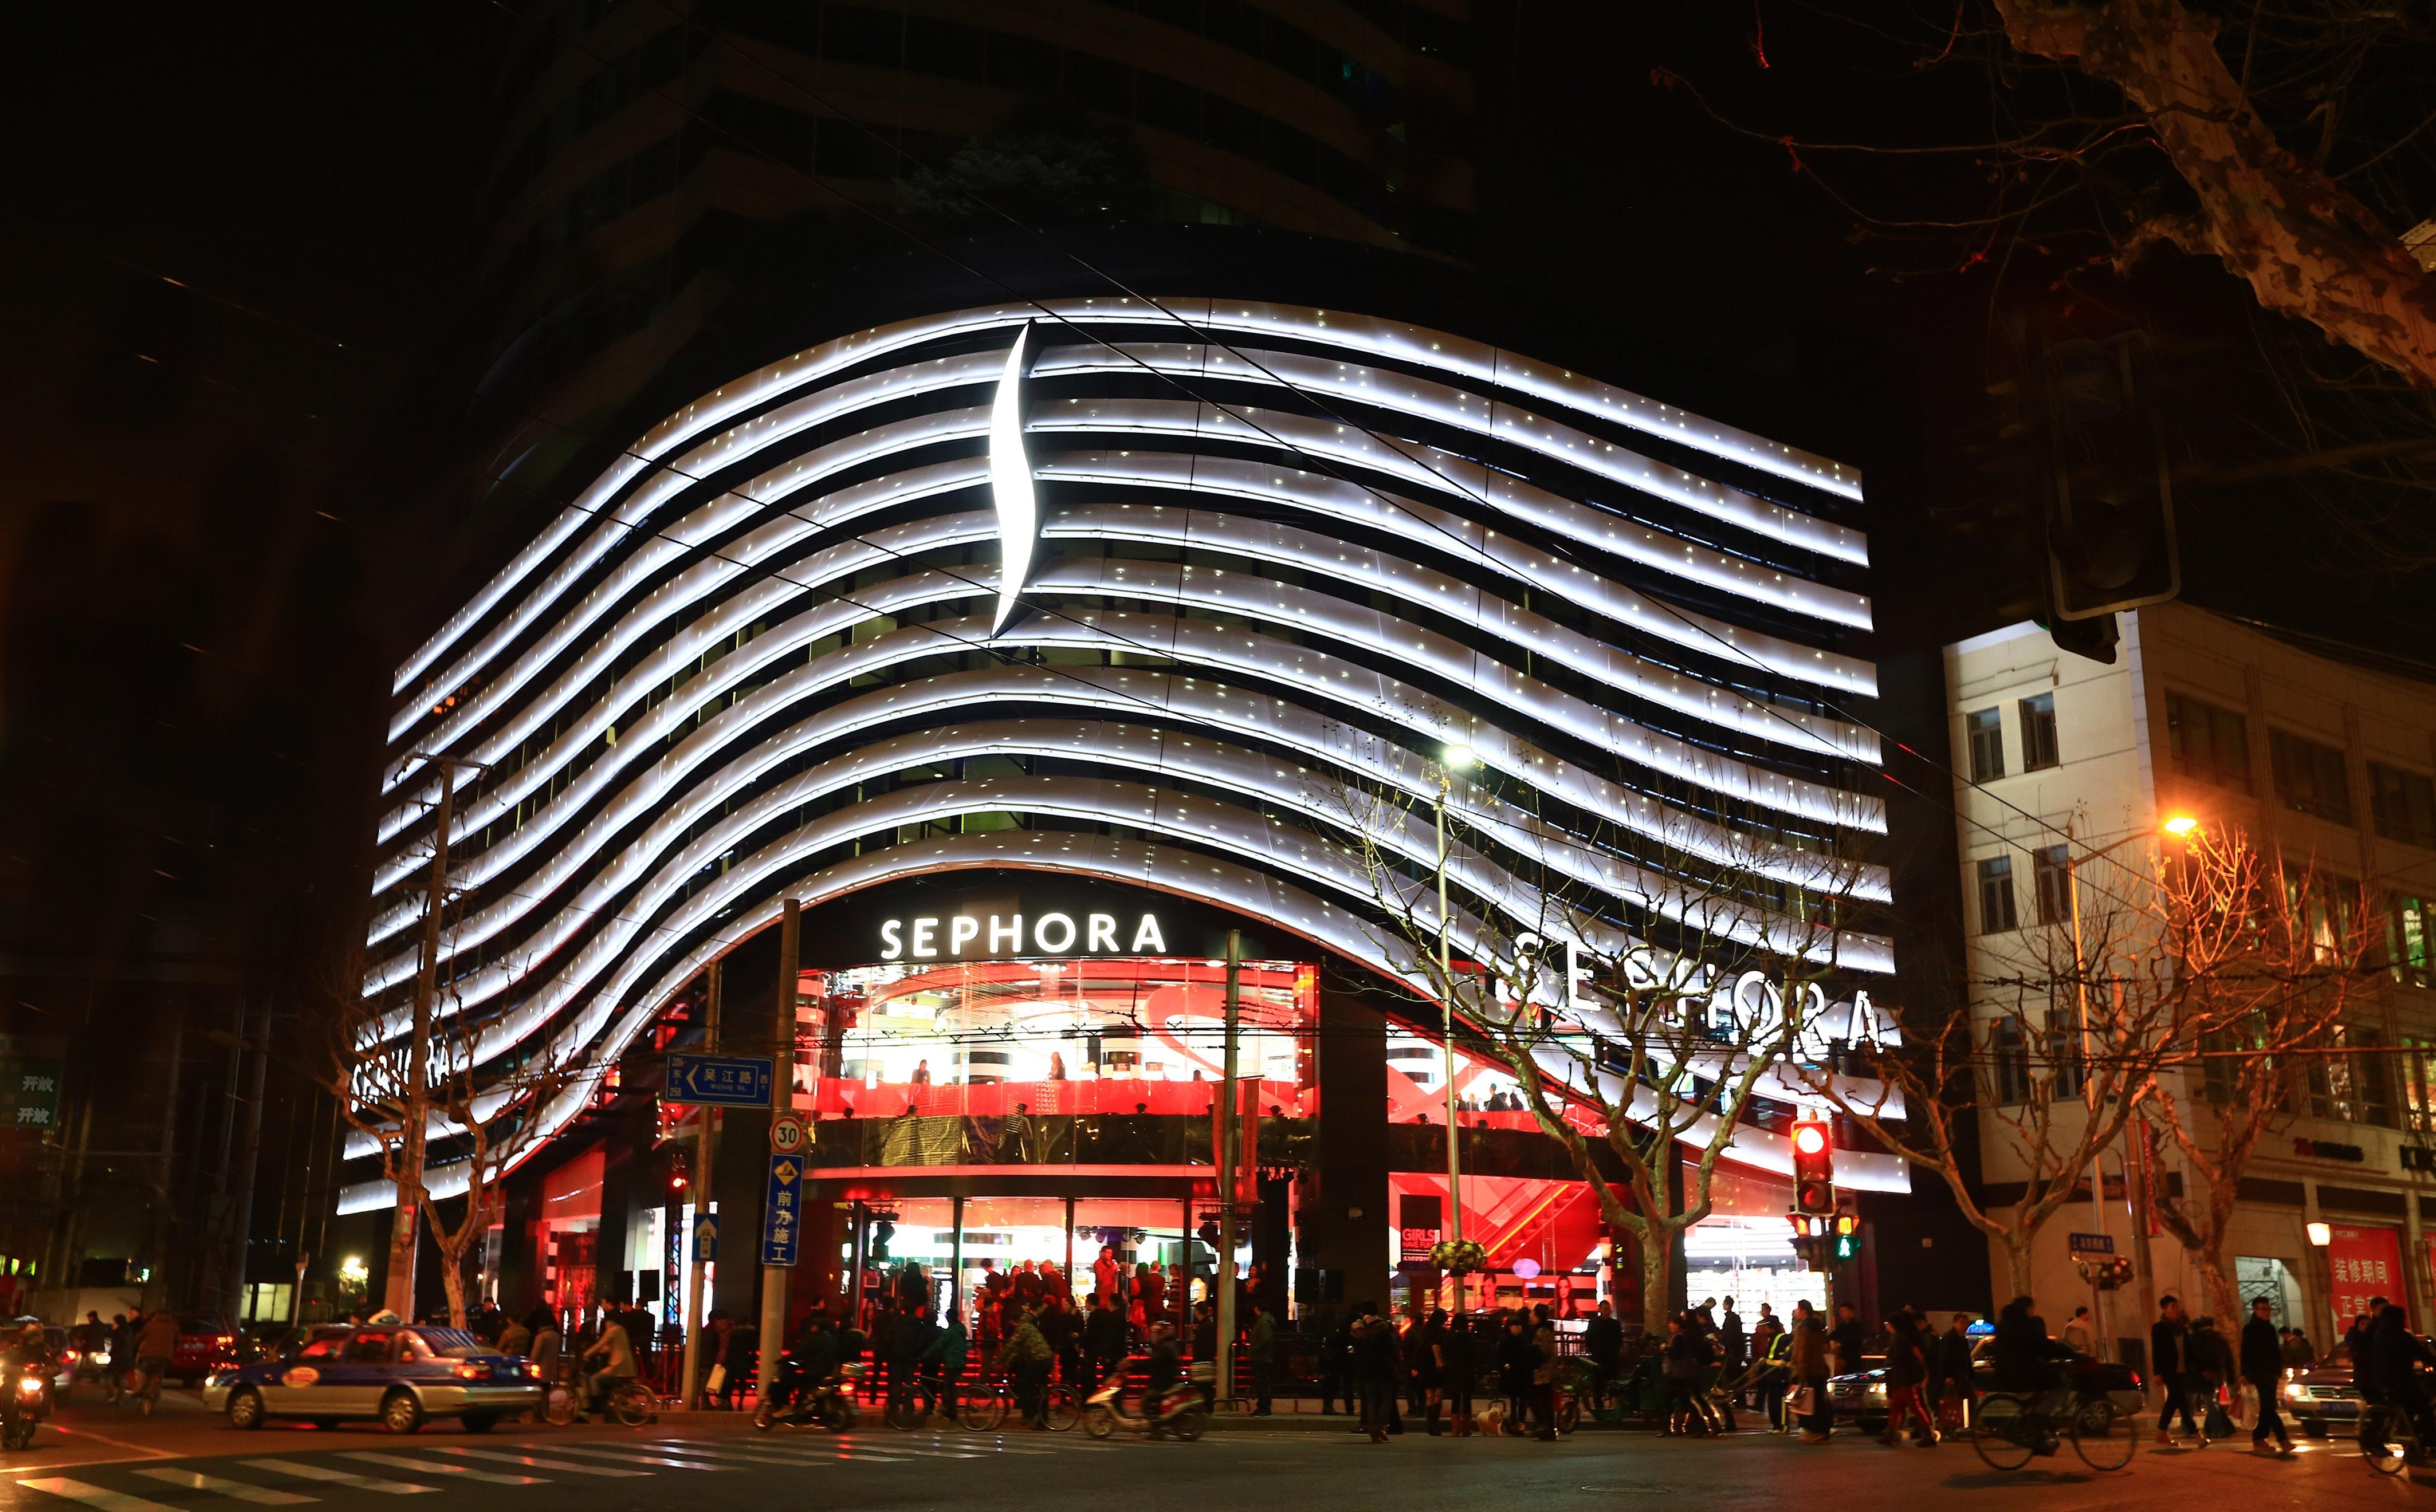 Ouvre Plus ChineDphdroguerie Gros Sephora Flagship En Son kZPiXTOlwu